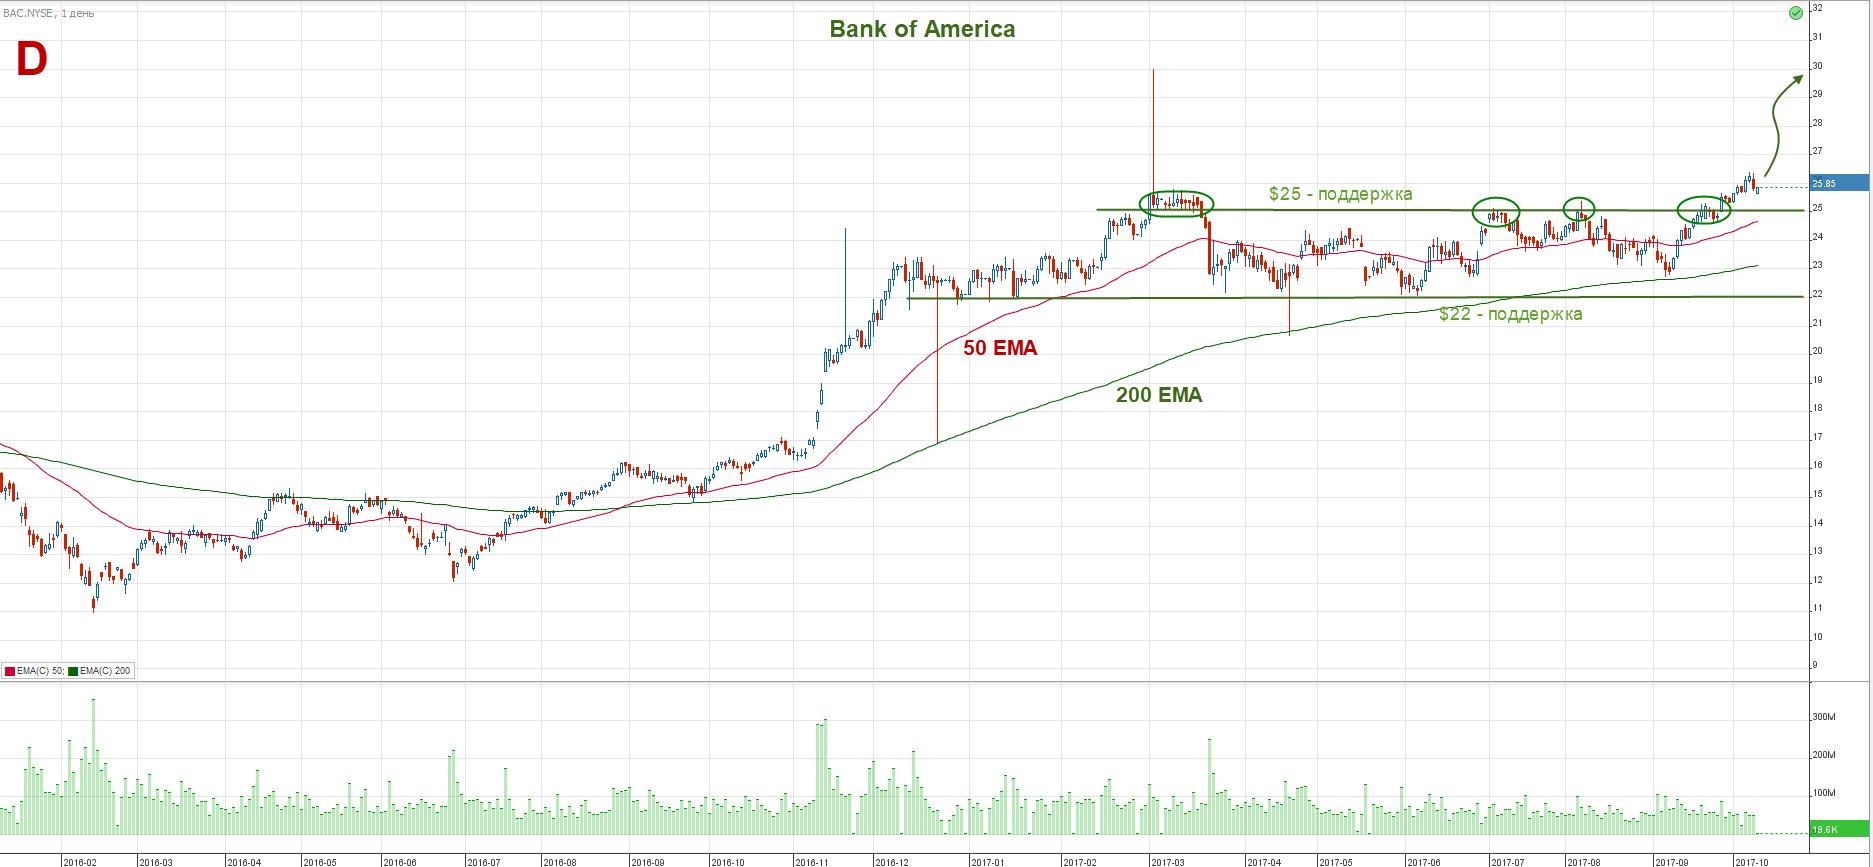 NYSE Bank of America акции